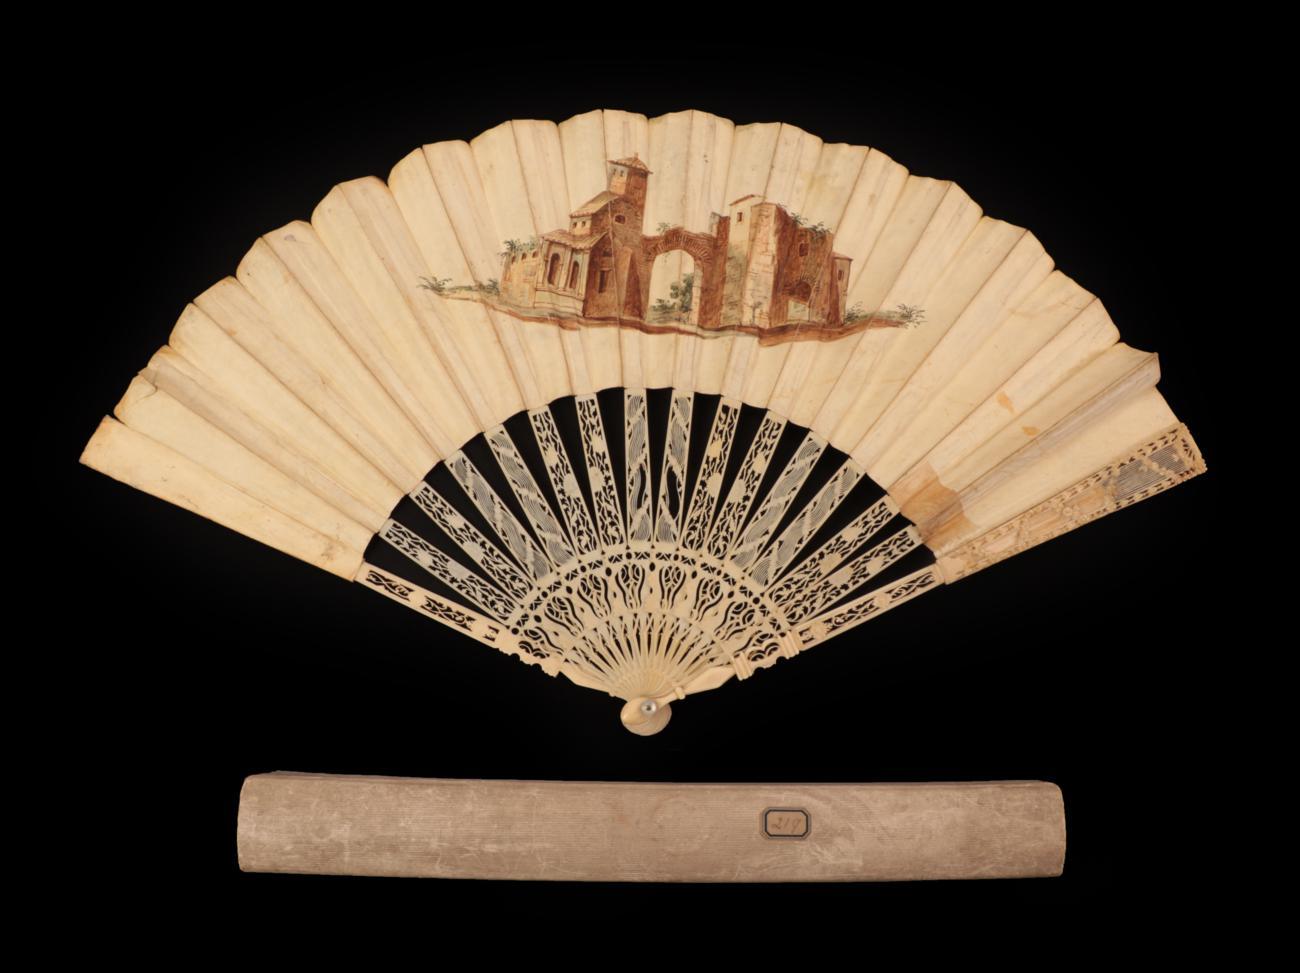 Lot 4017 - The New Paris Conversation Fan for 1802: a small Regency paper fan,